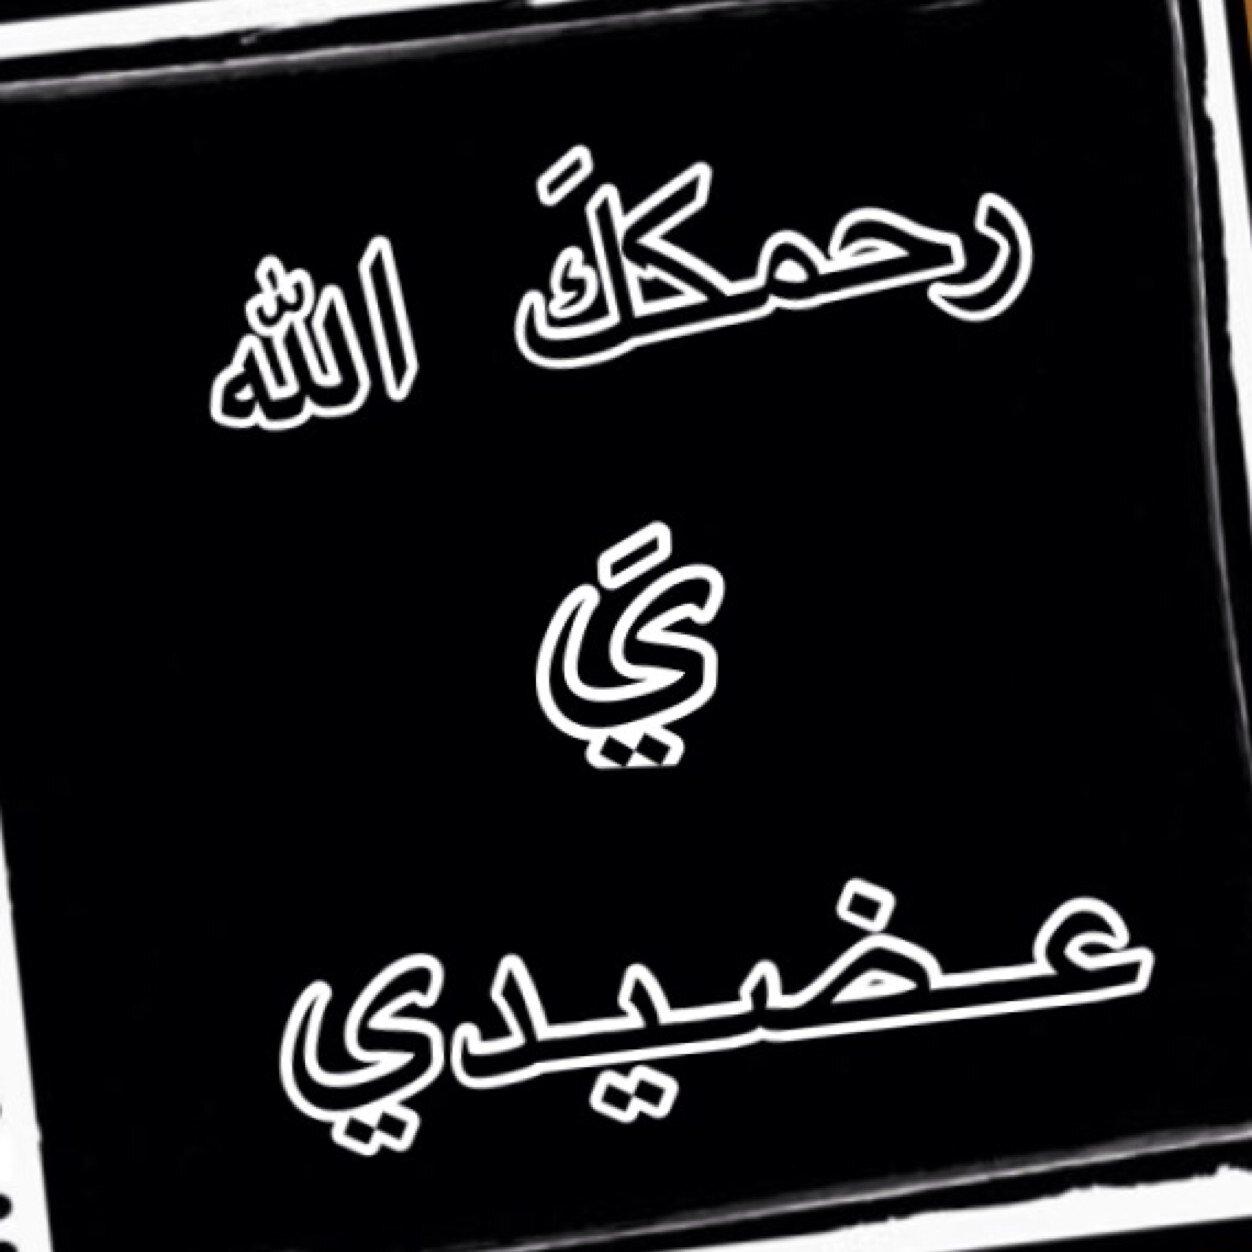 بالصور شعر عن فراق الاب الميت , كلمات حزينه عن فقدان الاب